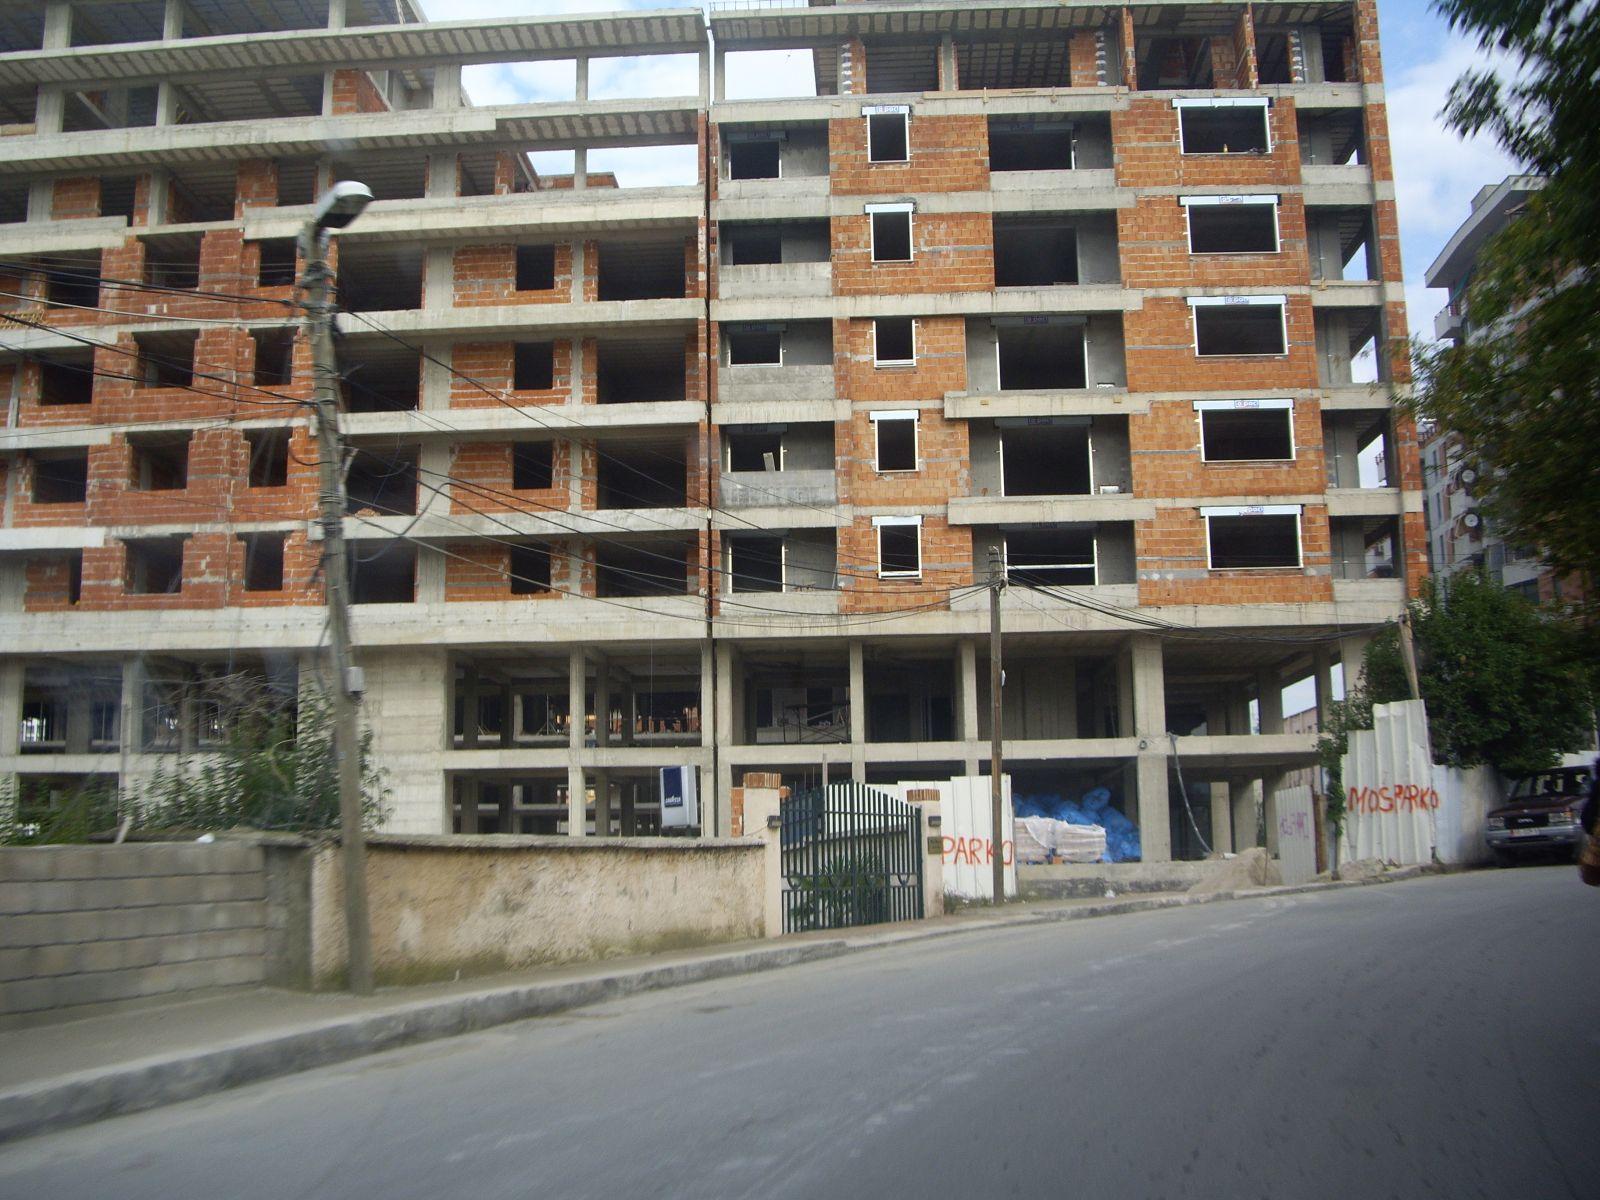 Θερμομόνωση δώματος με Politerm Blu & θερμομονωτικά δάπεδα τελικής στρώσης με Politerm Blu Fein στα Τίρανα-Αλβανία